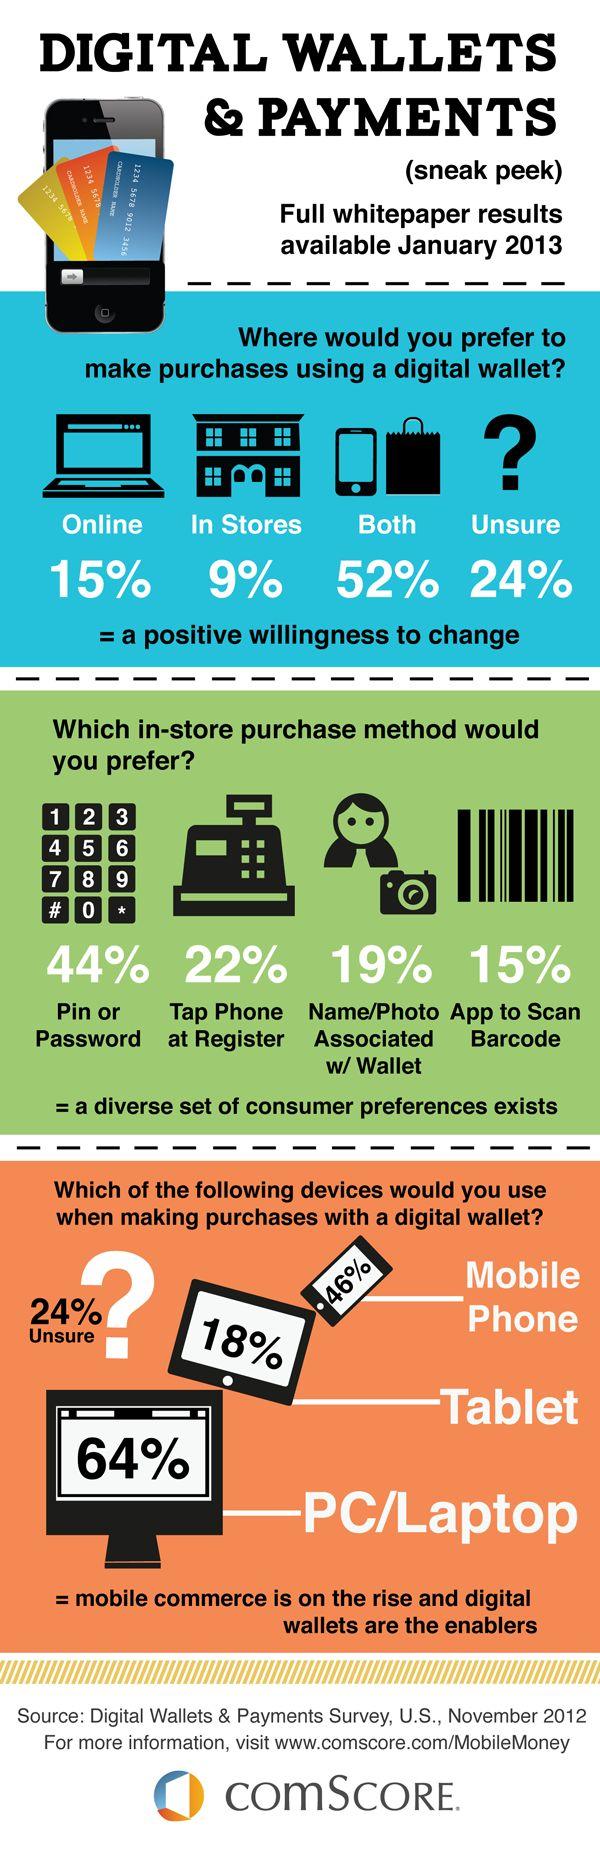 2013 Digital Wallets & Payments Sneak Peek - comScore, Inc